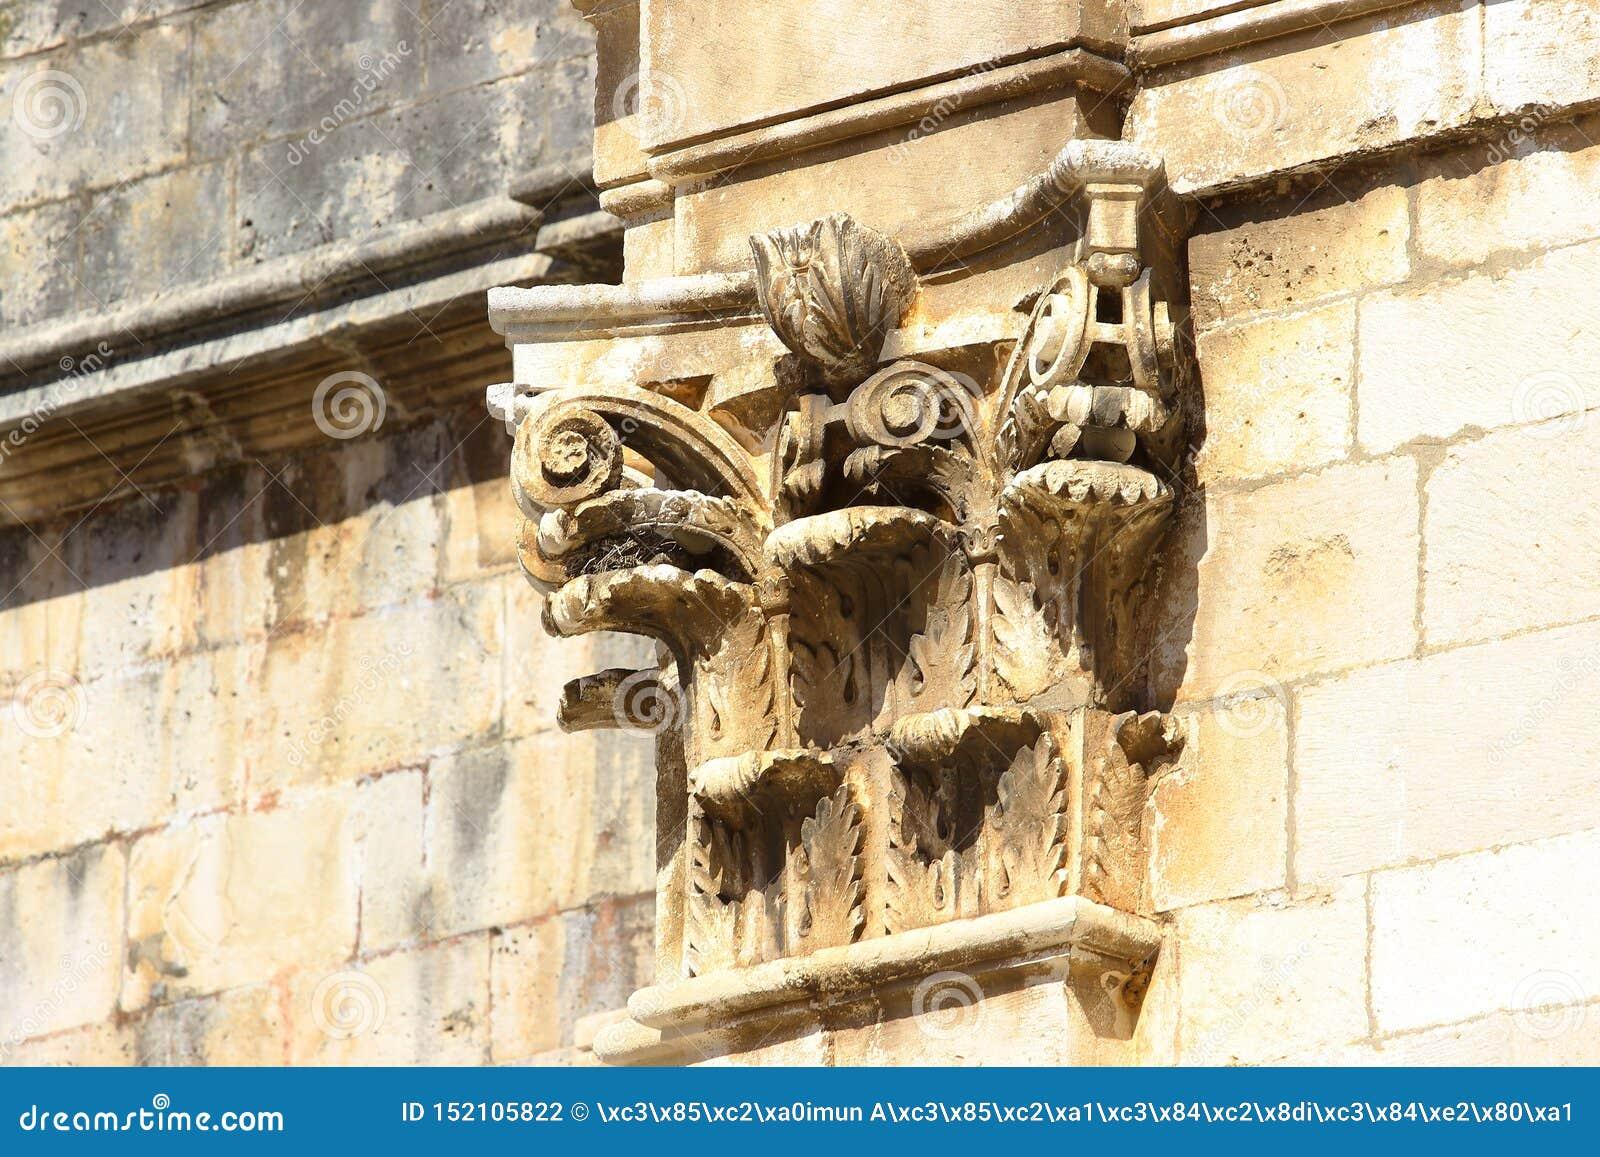 Dubrovnik-Kathedrale, Detail der Außendekoration